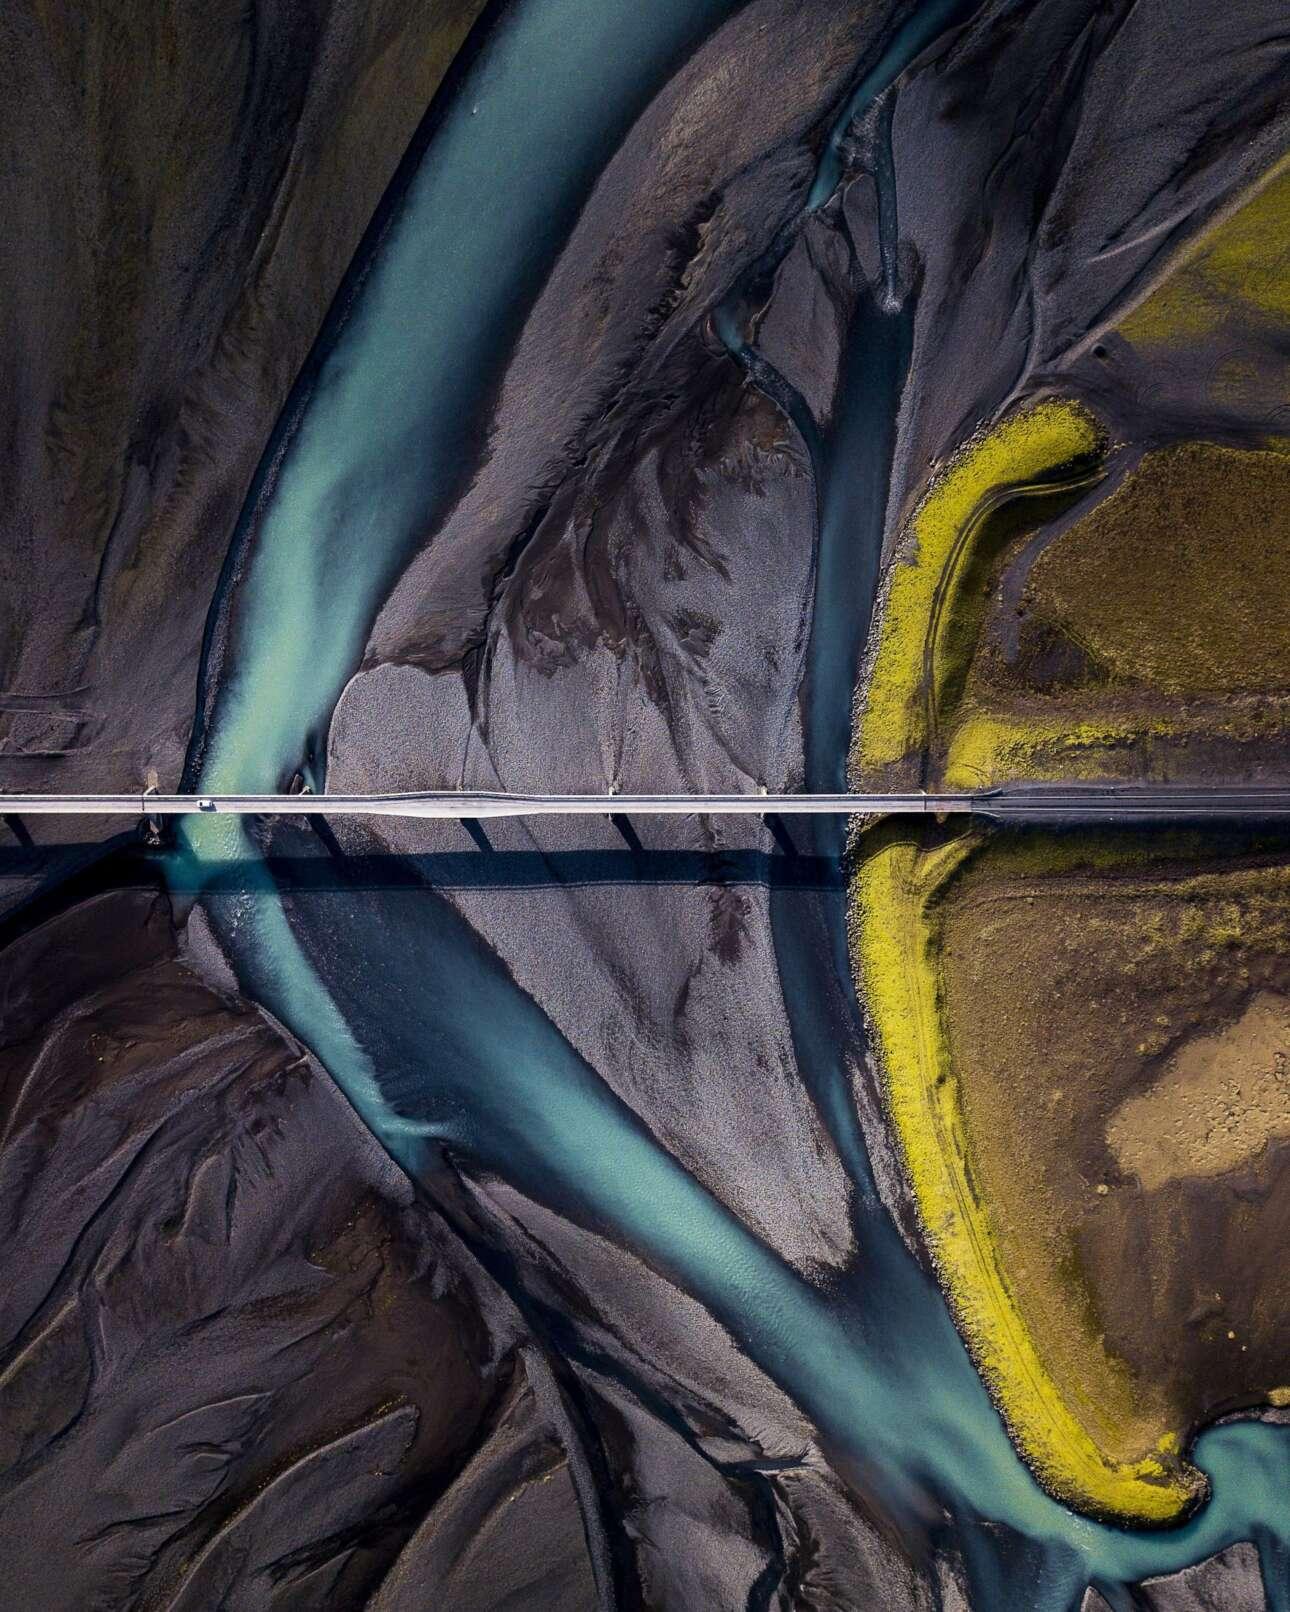 «Συμβίωση», φιναλίστ στην κατηγορία Γραφικό Τοπίο. Ενα πανέμορφο τοπίο στα βουνά  Lómagnúpur της Ισλανδίας, όπου το μπλε ποτάμι έρχεται σε αντίθεση με τη μαύρη άμμο